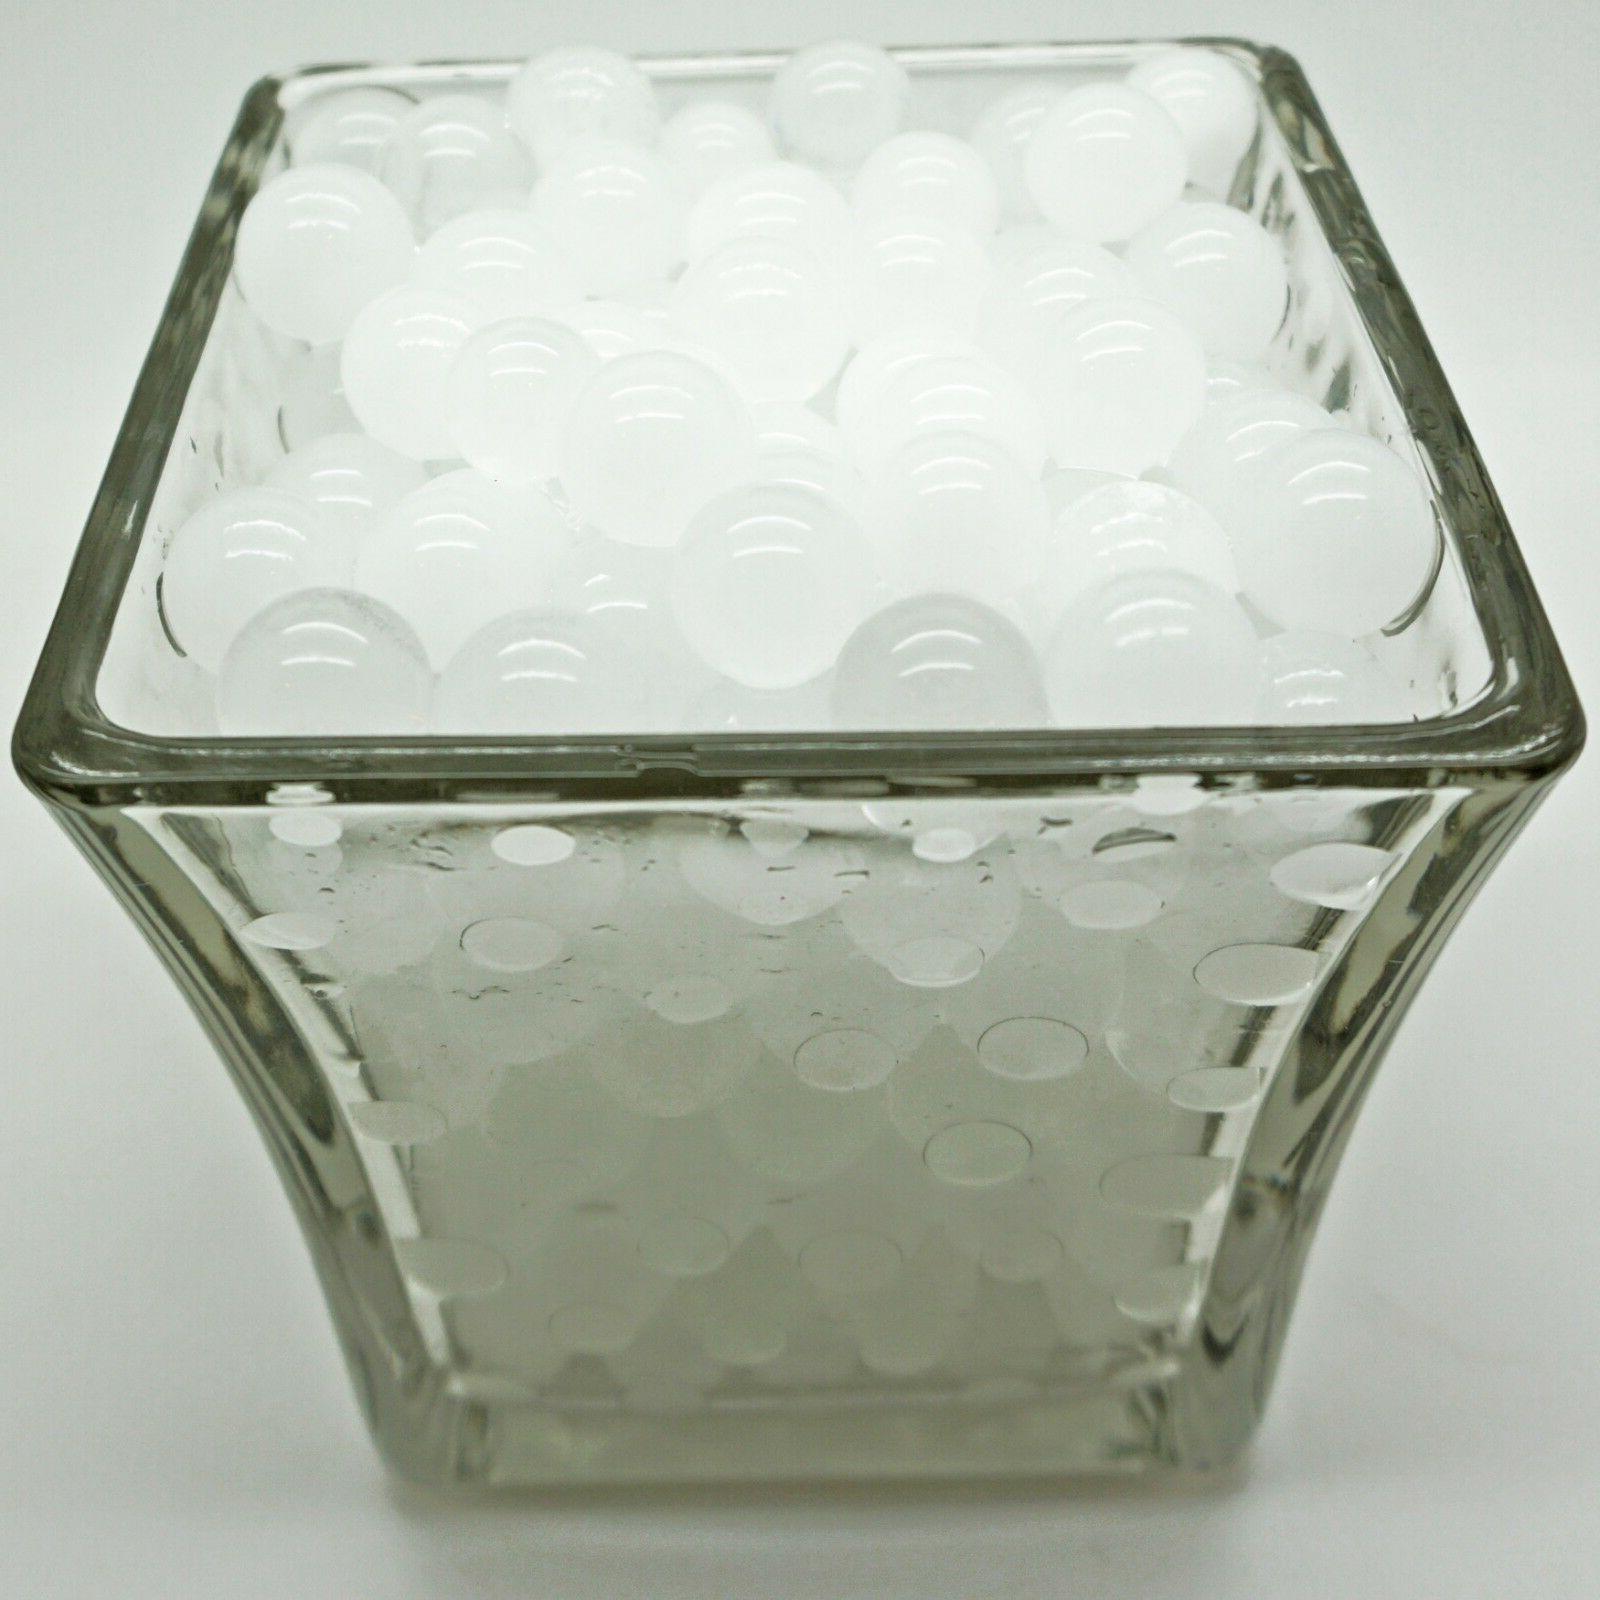 5 White Craftsprite Vase Gel Beads Ship!